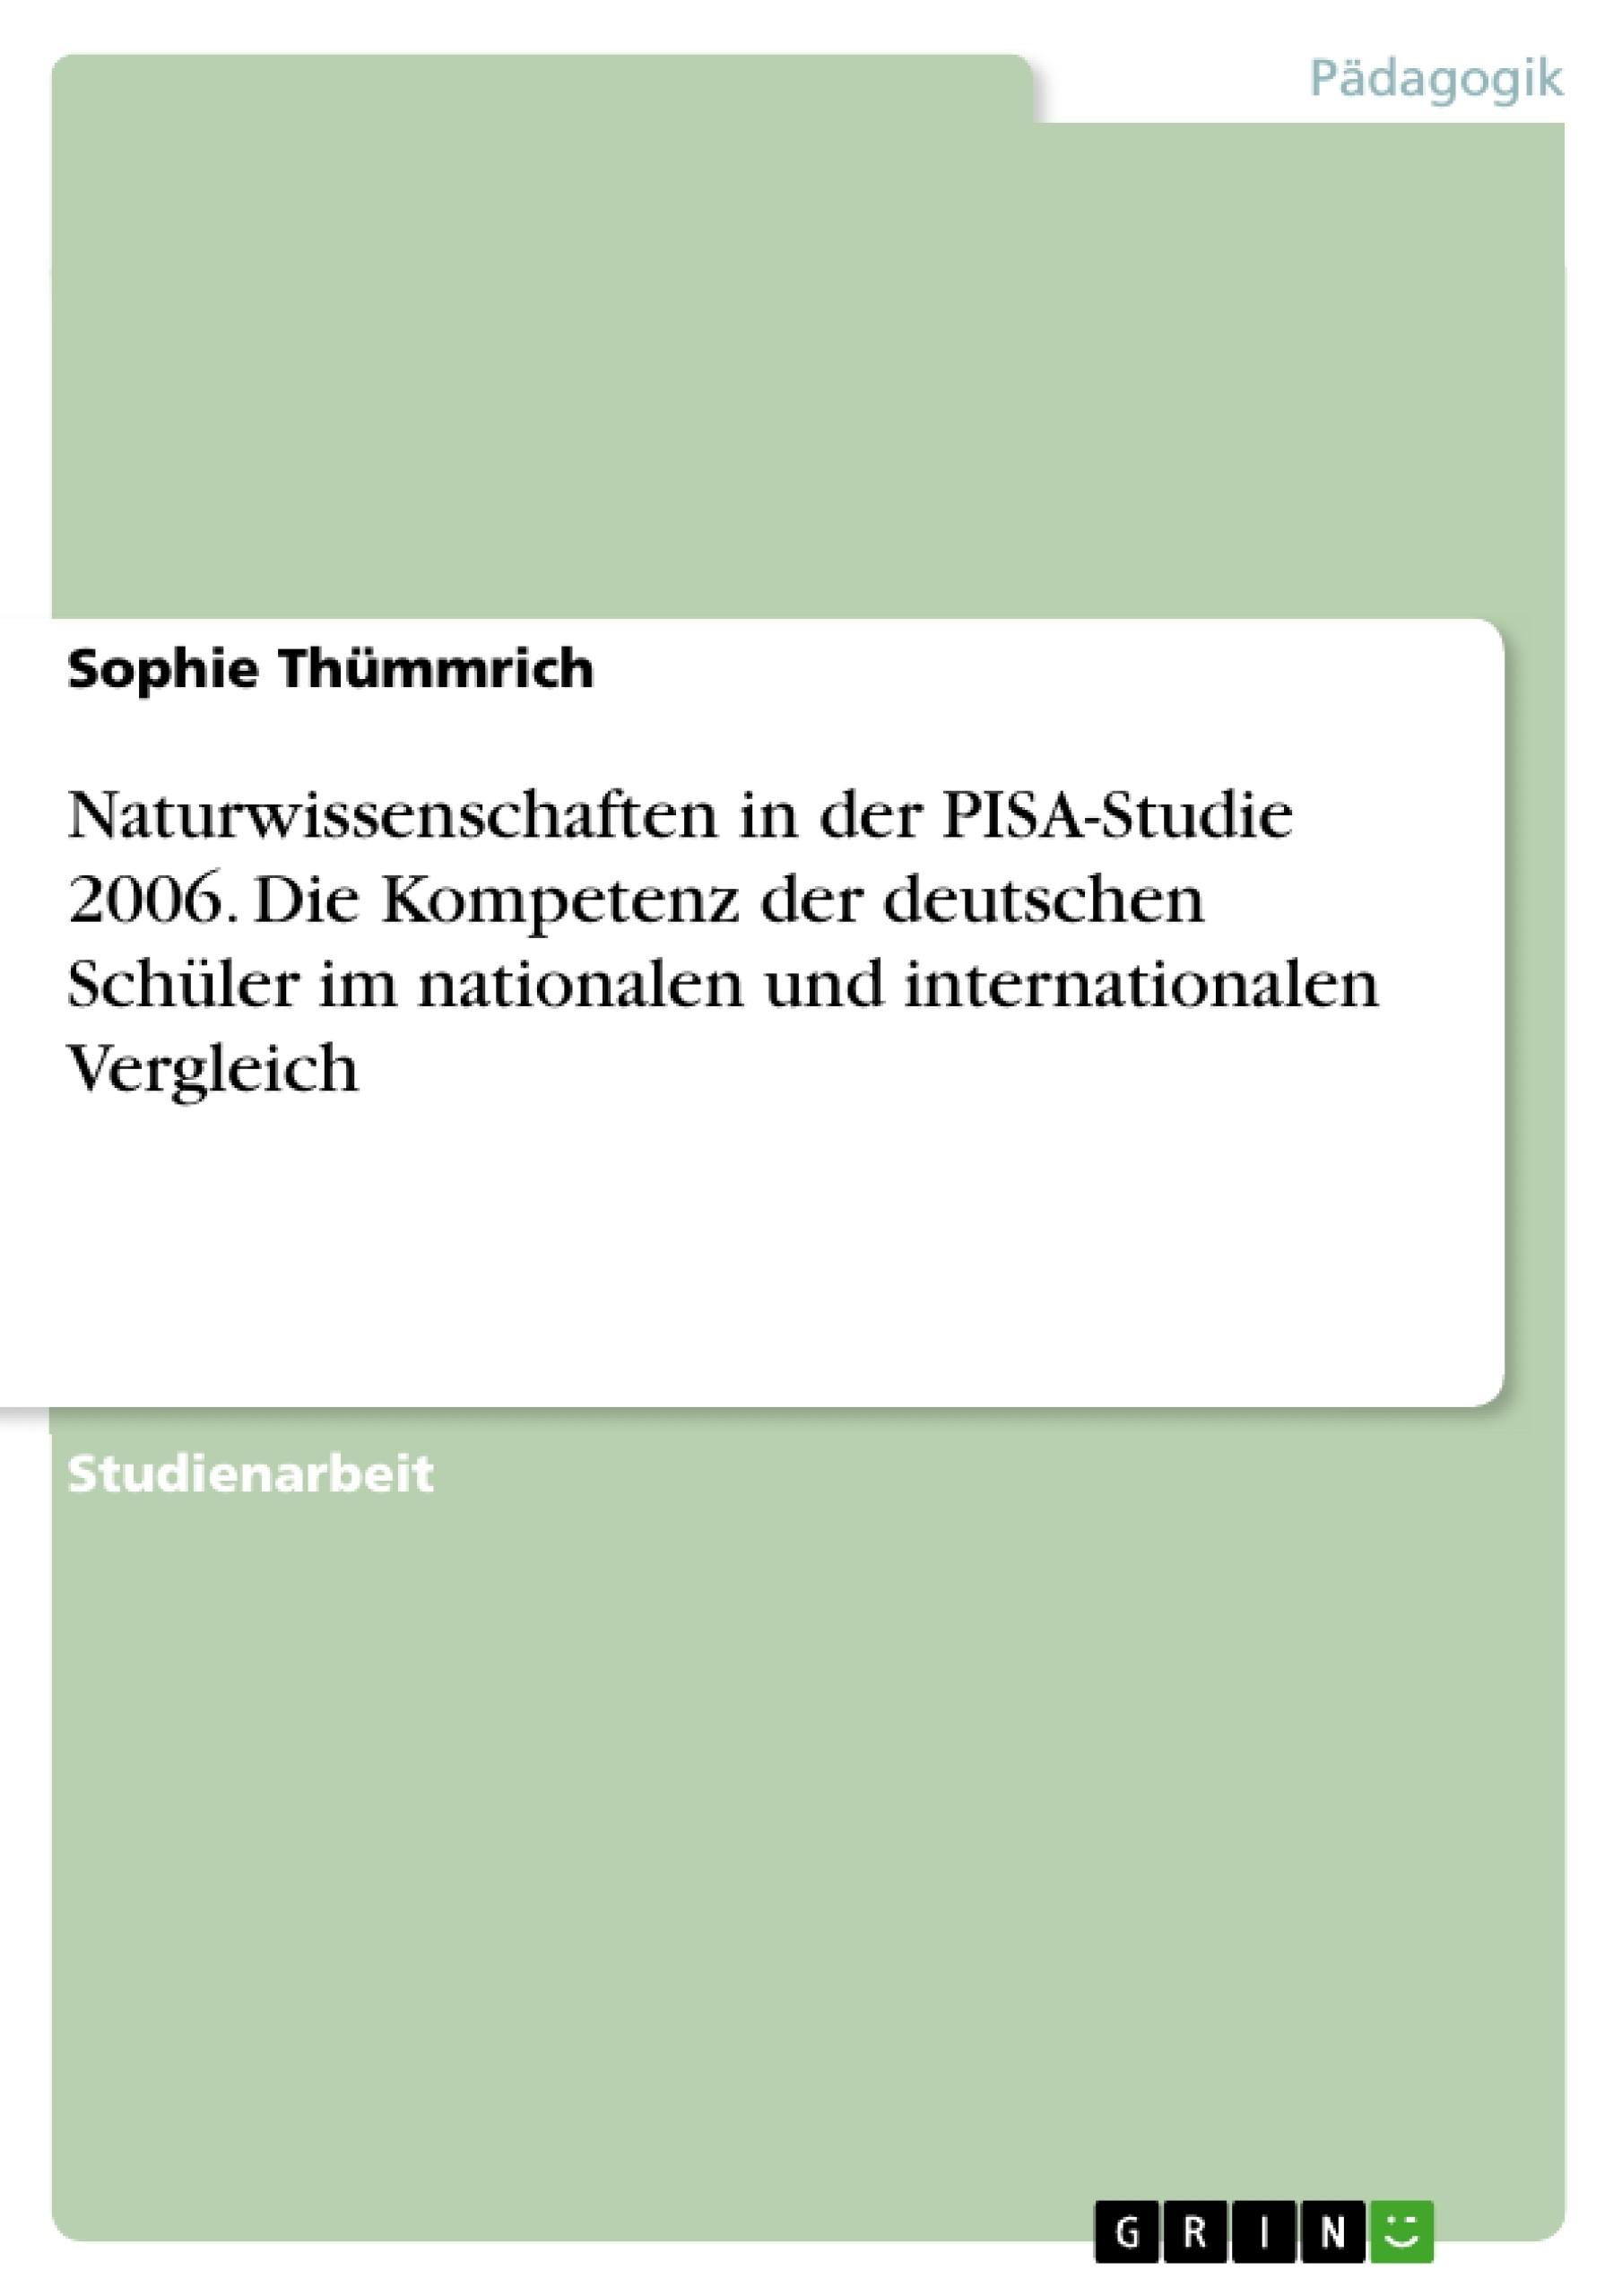 Titel: Naturwissenschaften in der PISA-Studie 2006. Die Kompetenz der deutschen Schüler im nationalen und internationalen Vergleich